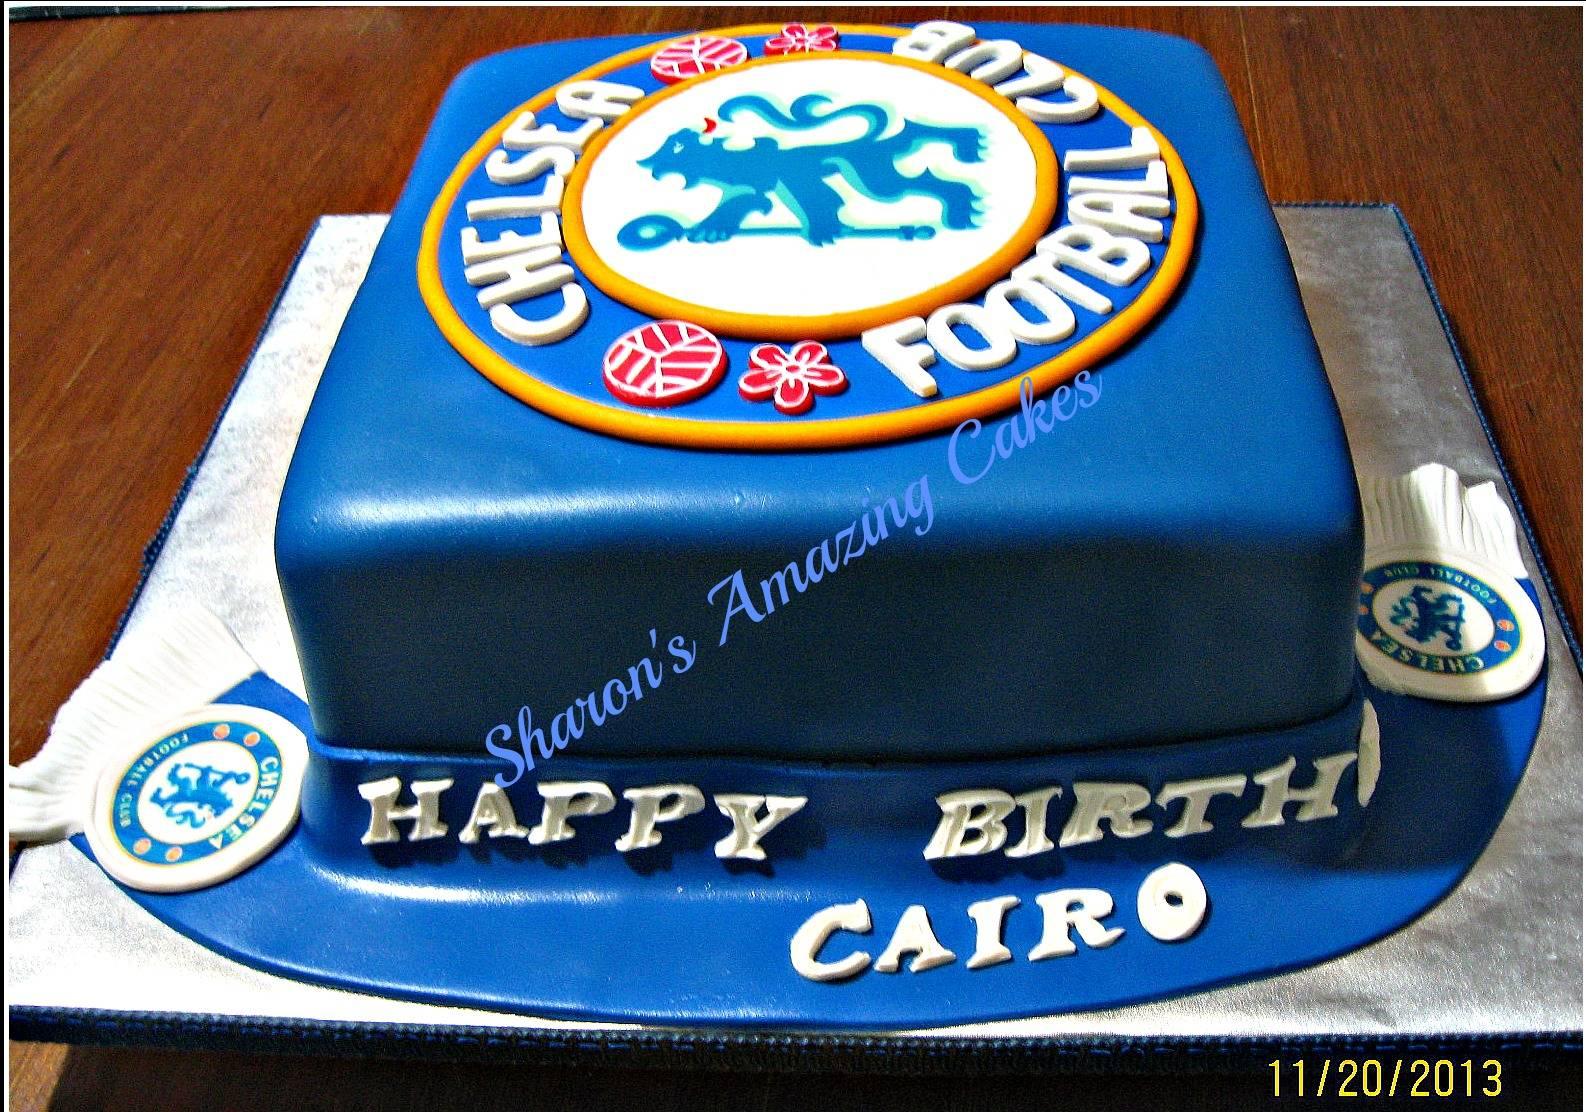 Cake 27G - Chelsea Cake